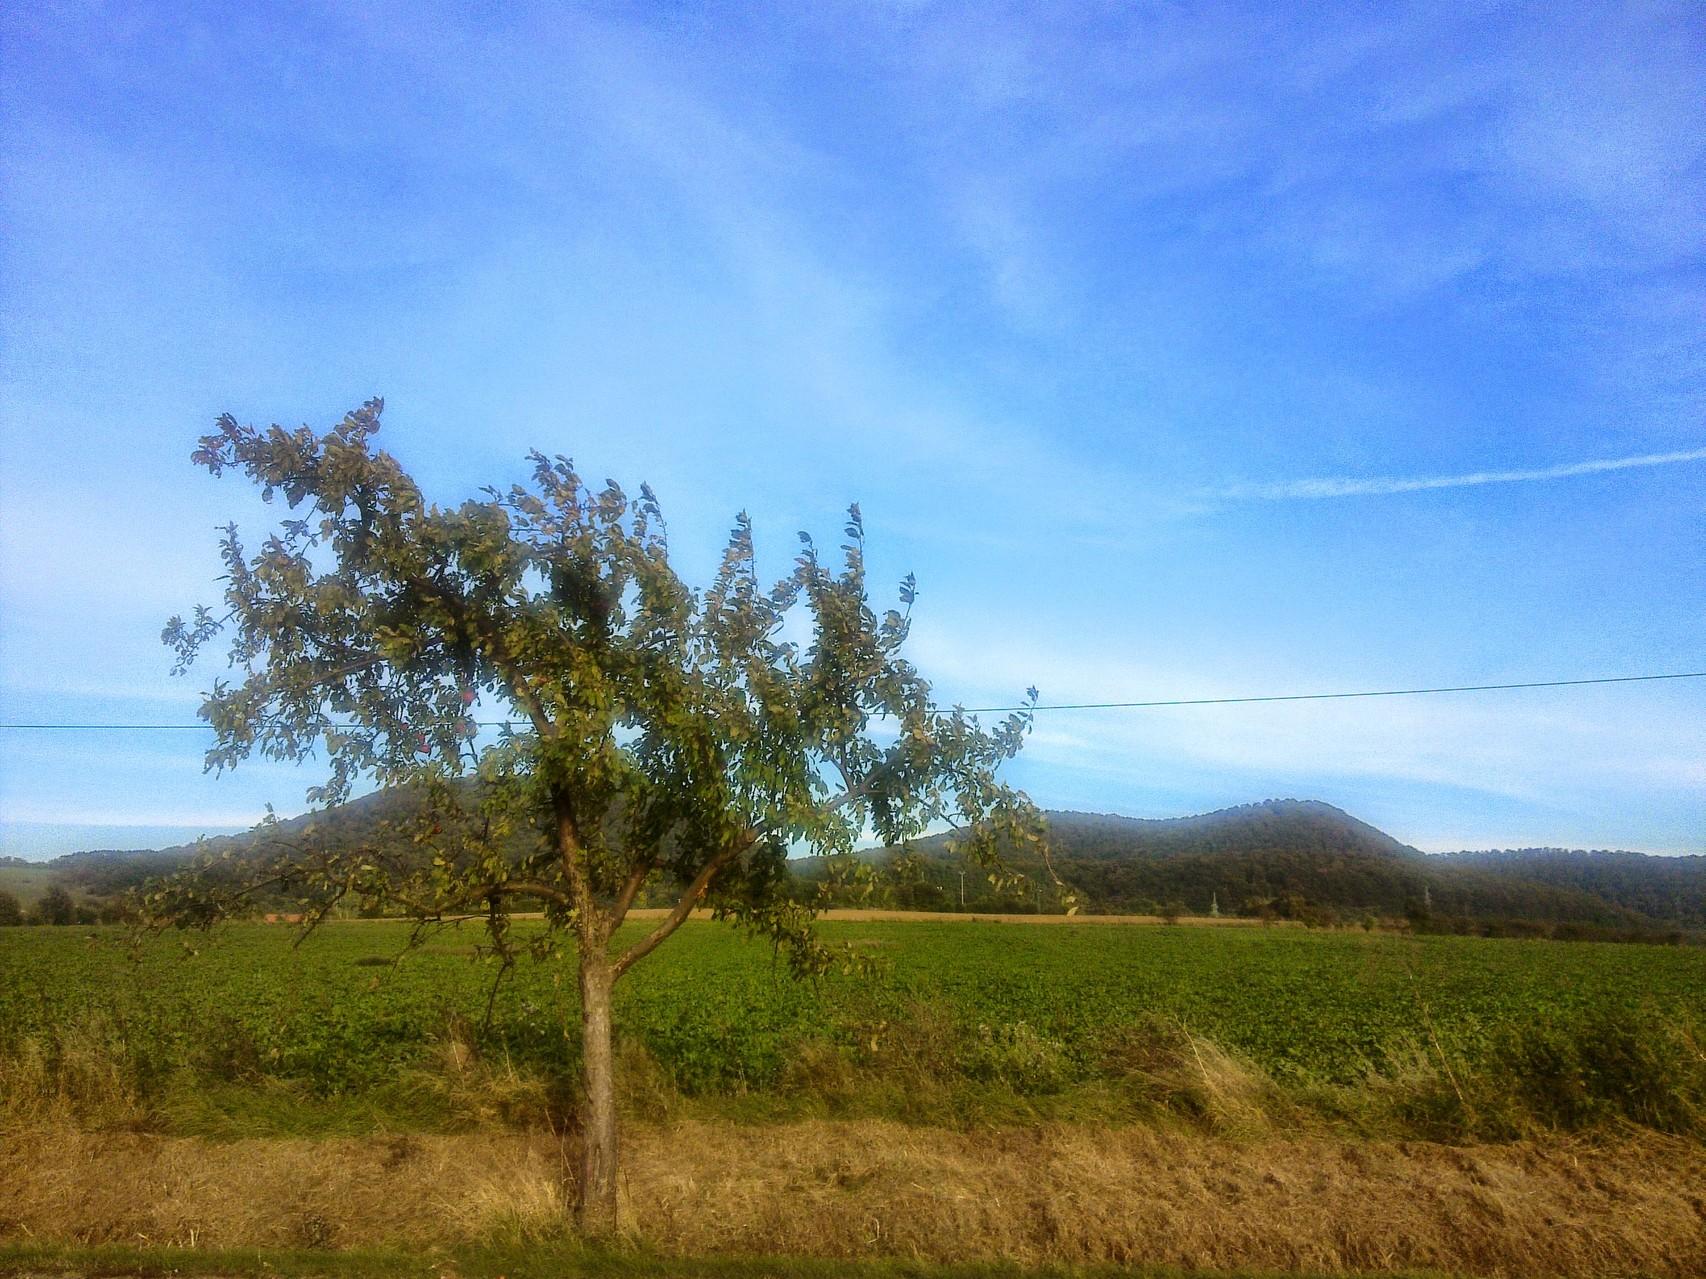 ~ Bild: Panorama-Blick auf die Sieben Berge in Richtung Wettensen ~